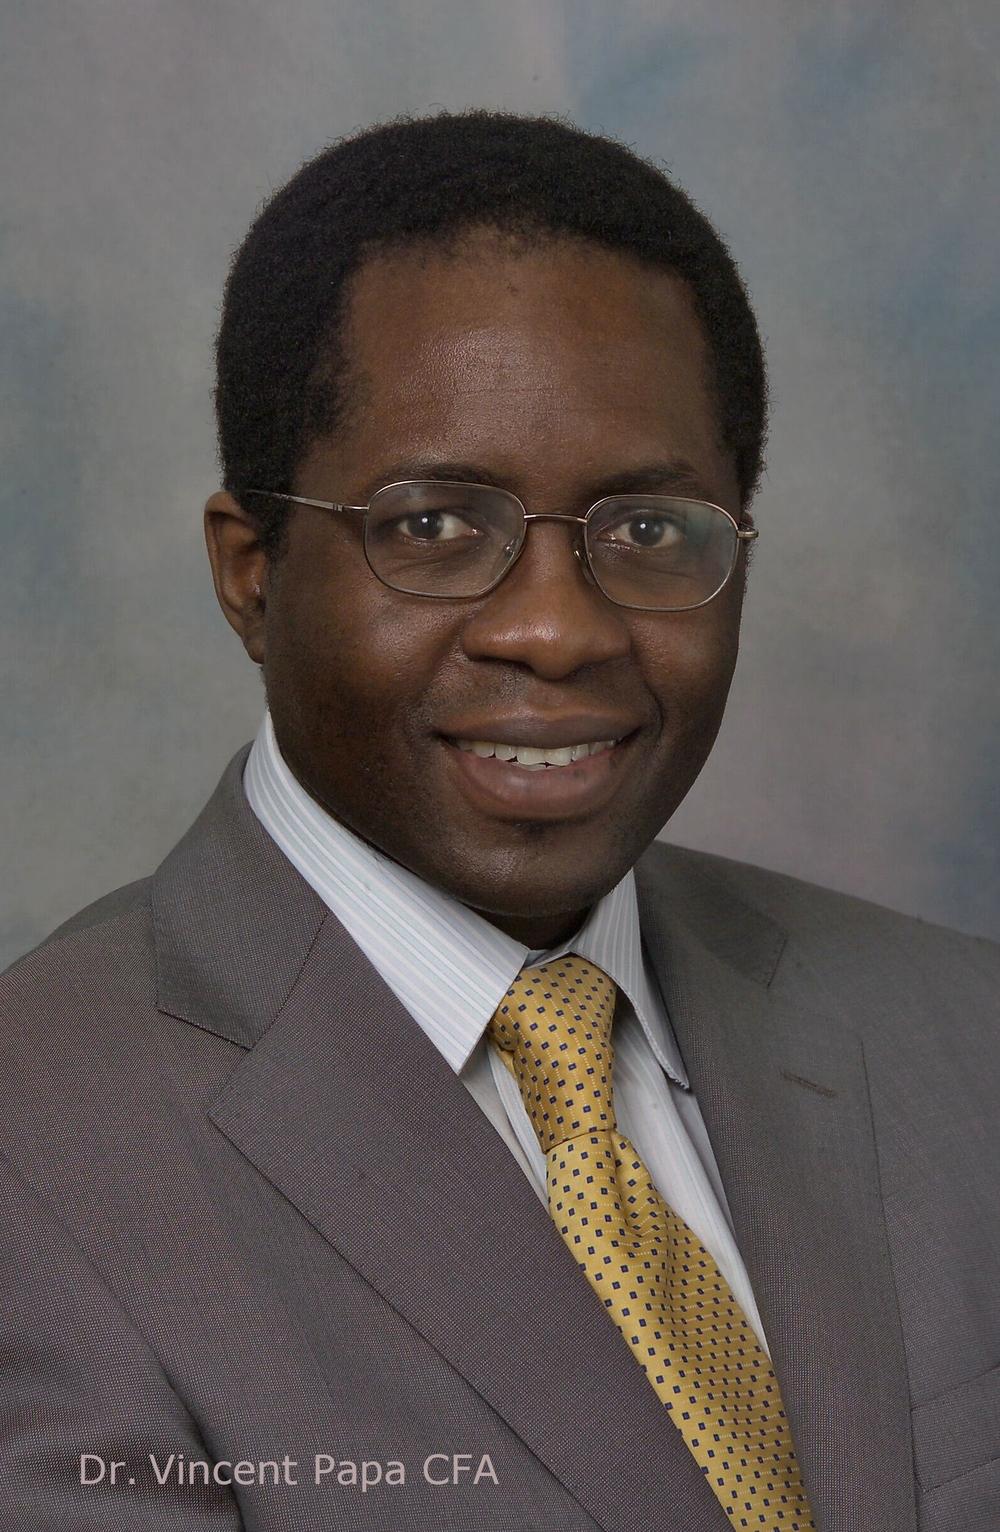 Dr. Vincent Papa CFA